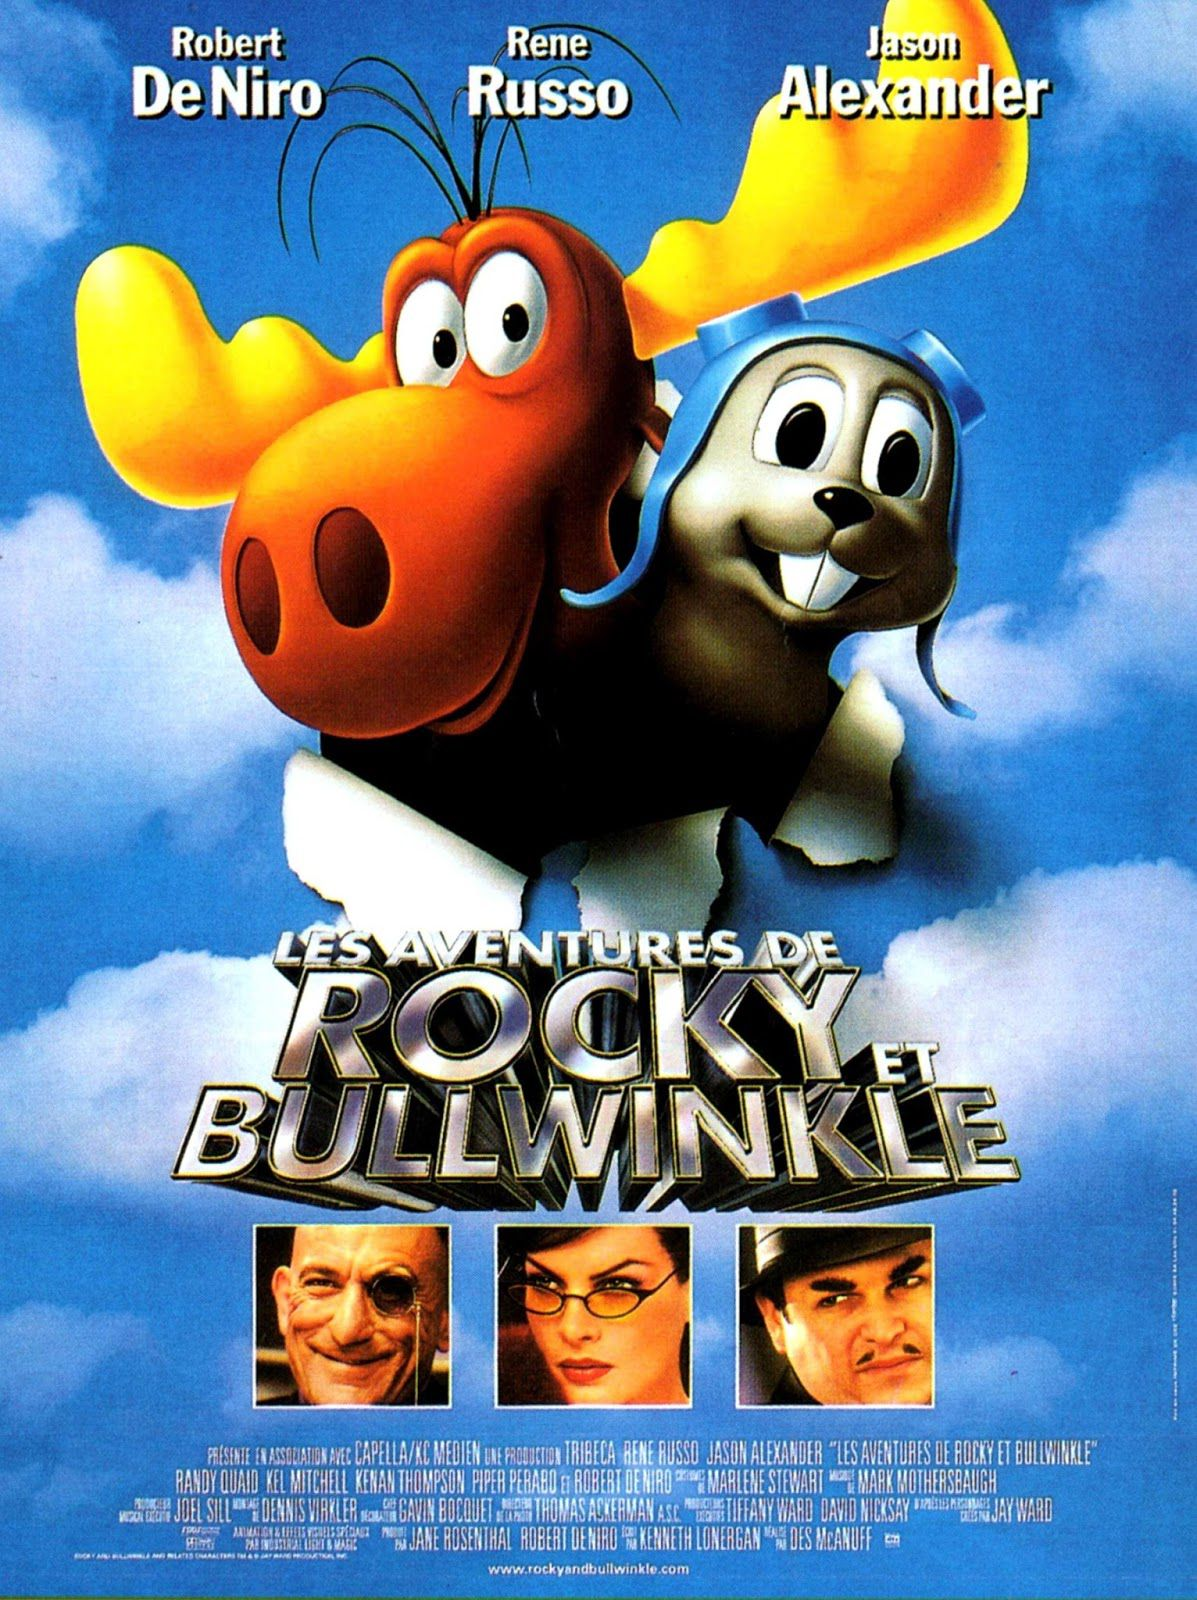 Les Aventures de Rocky et Bullwinkle